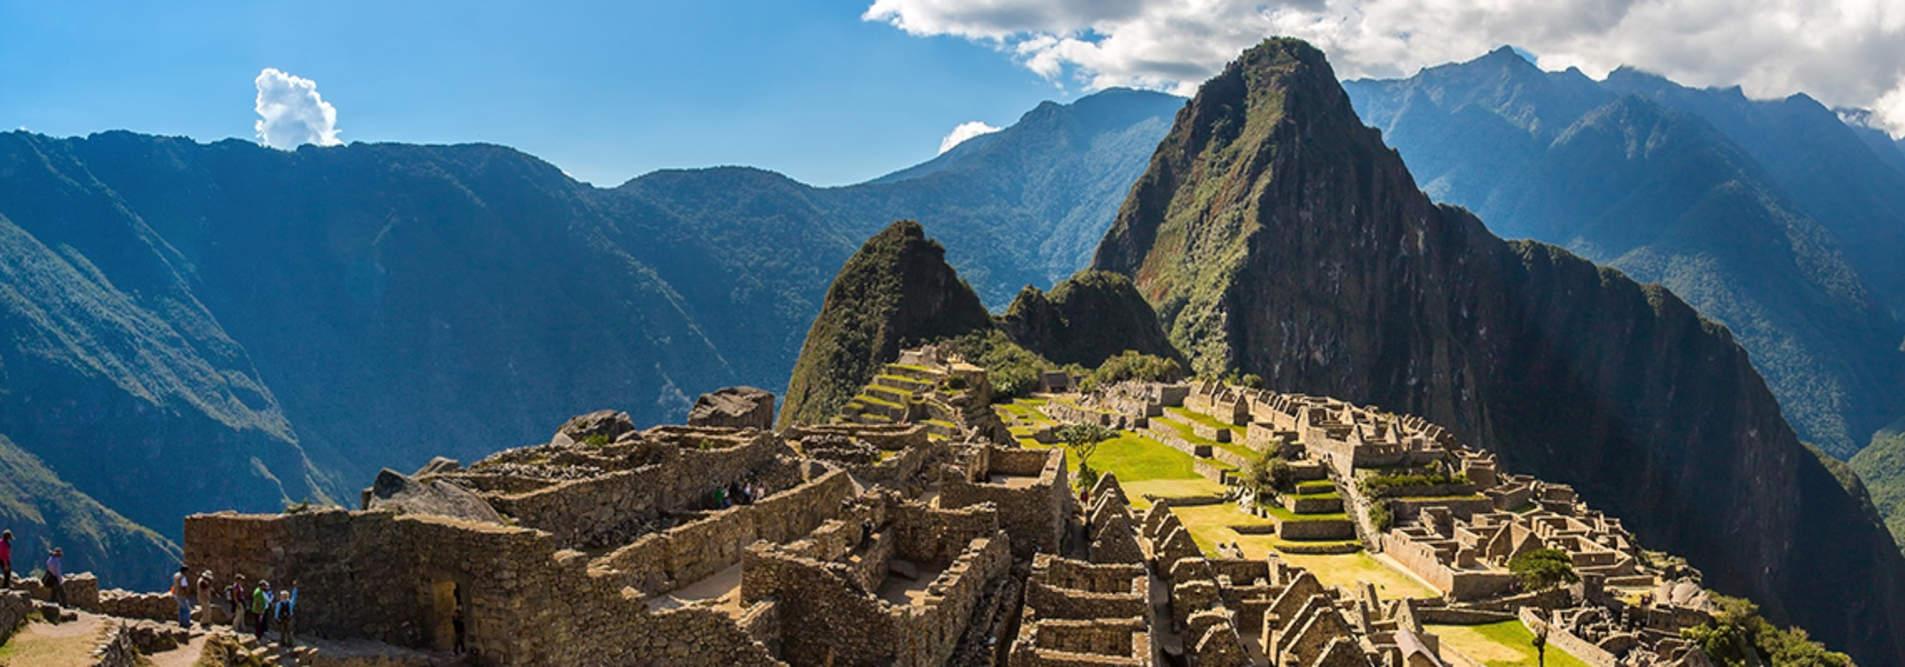 Matrimonios Cusco